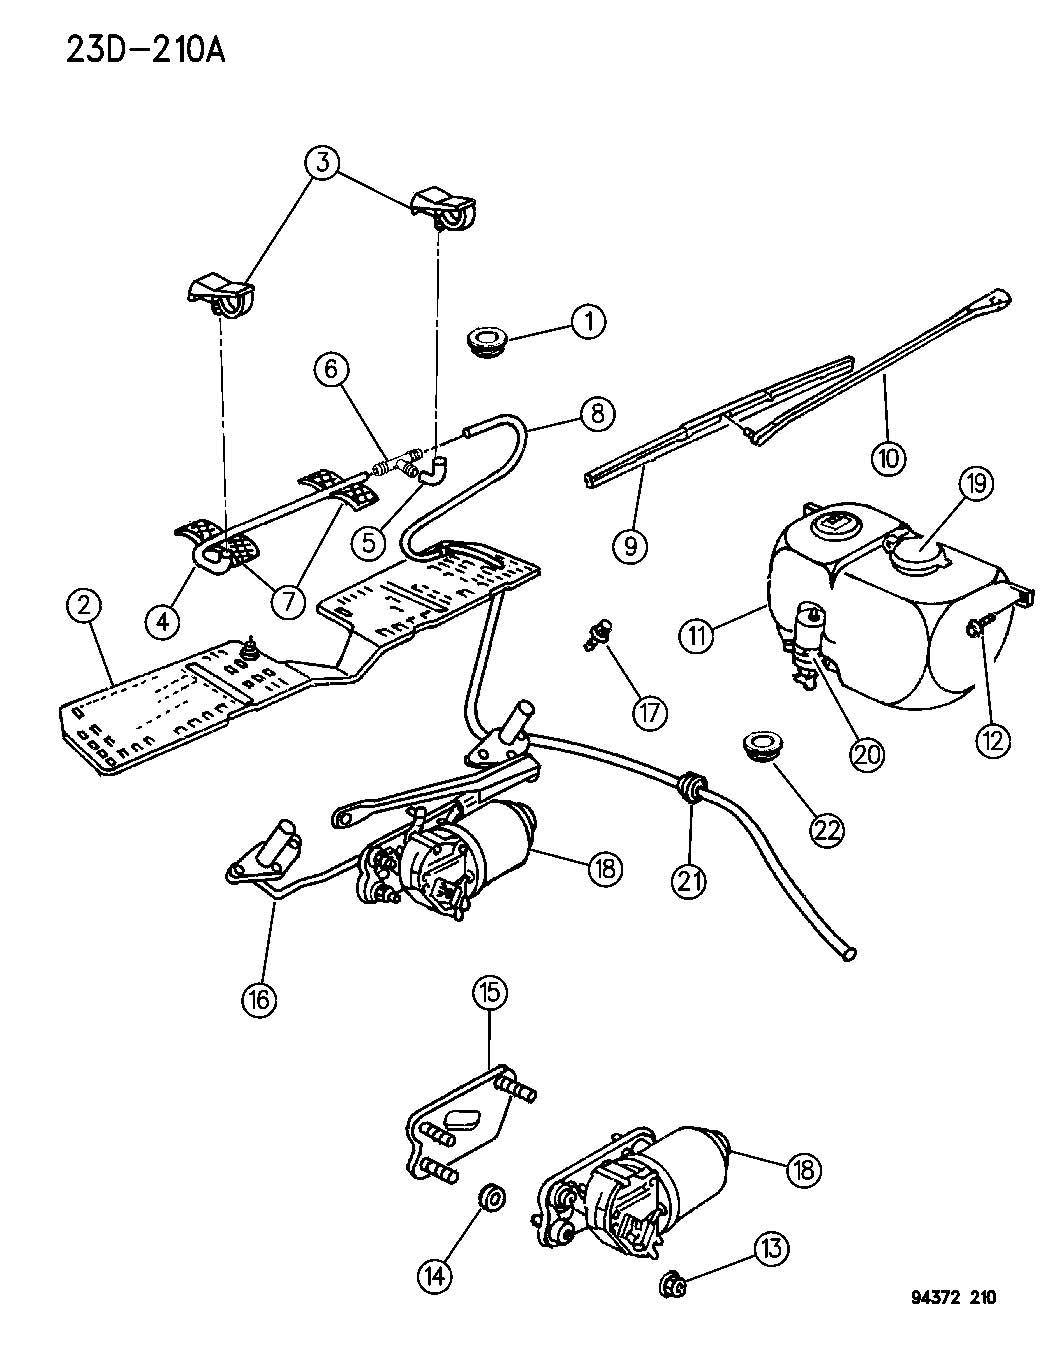 1994 dodge caravan wiper motor